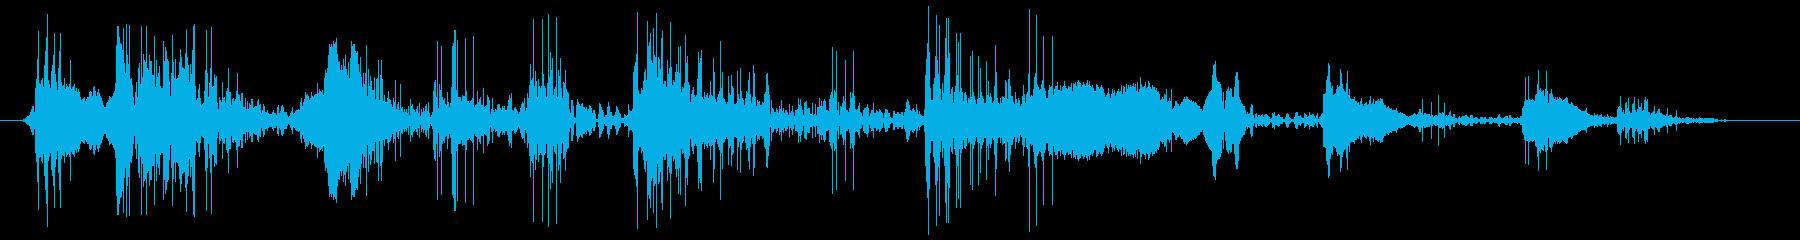 ハードスタティック1の再生済みの波形